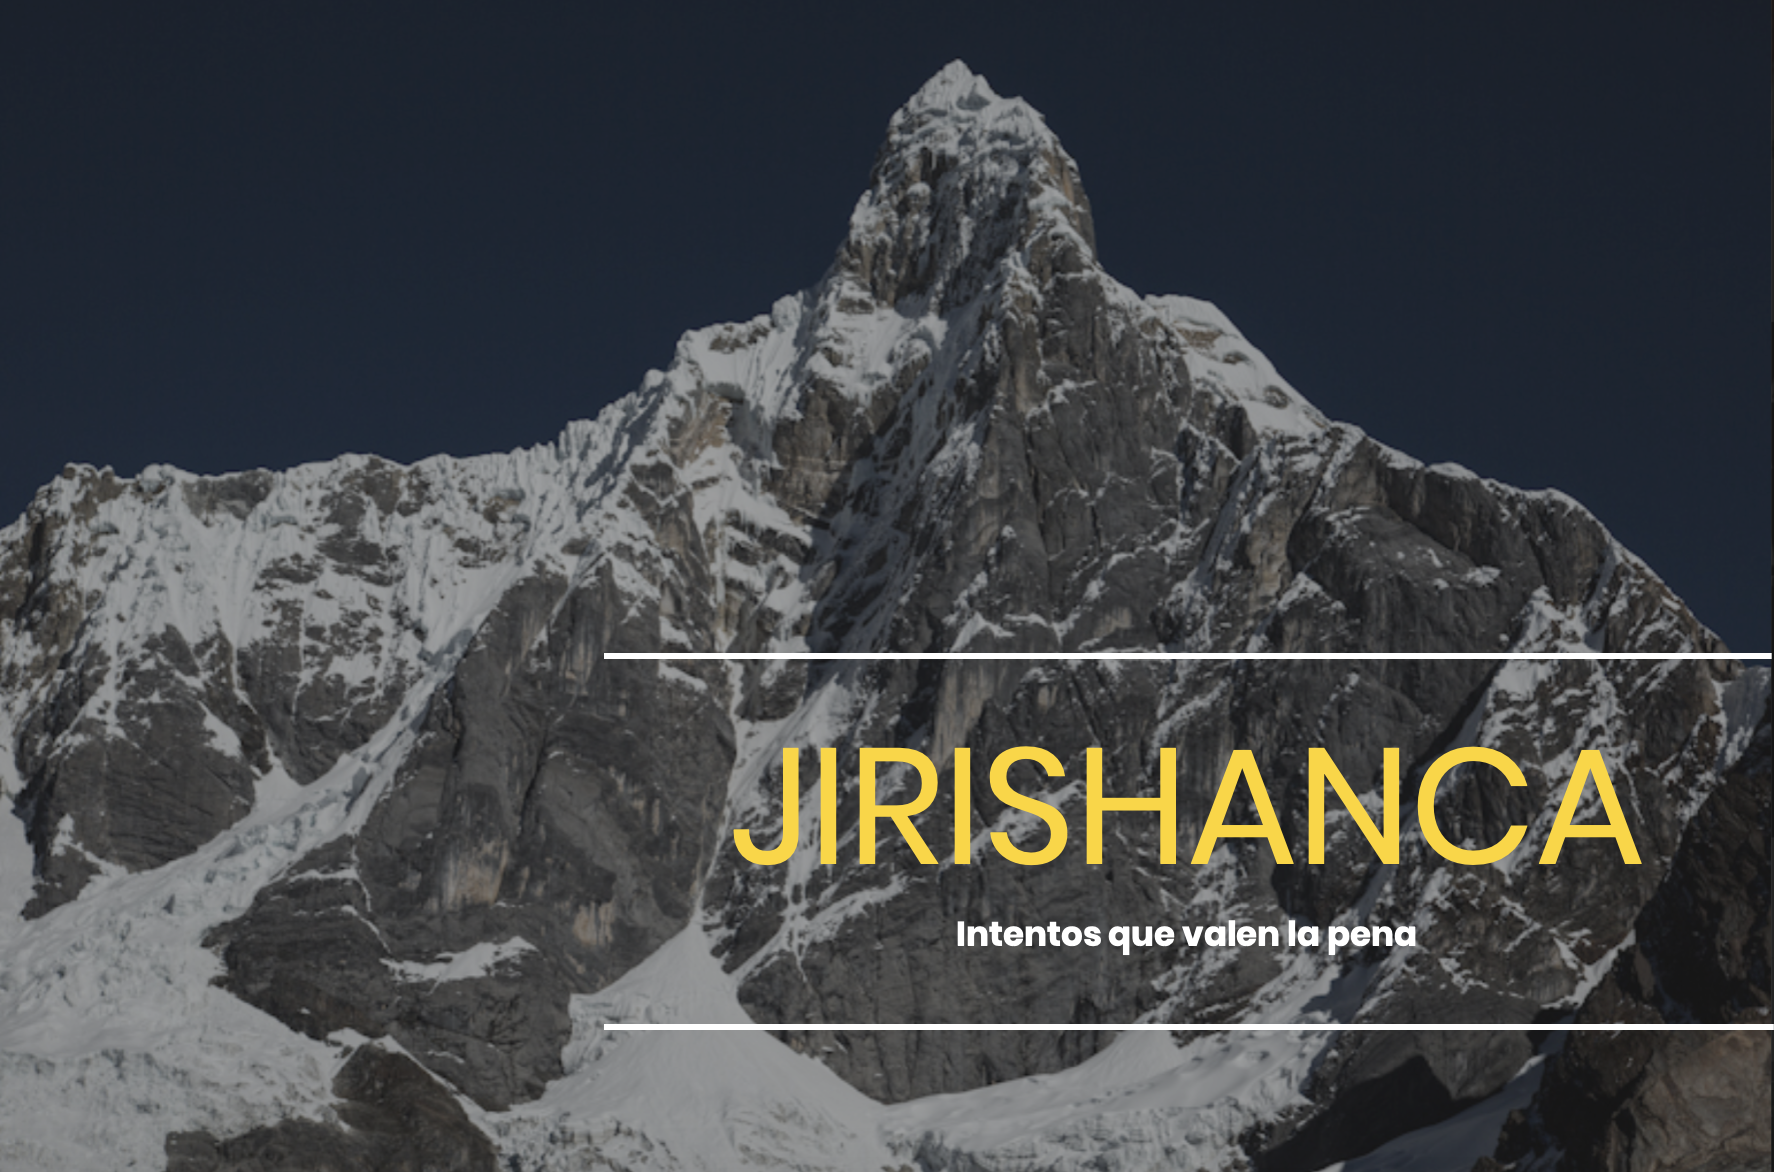 Jirishanca, intentos que valen la pena